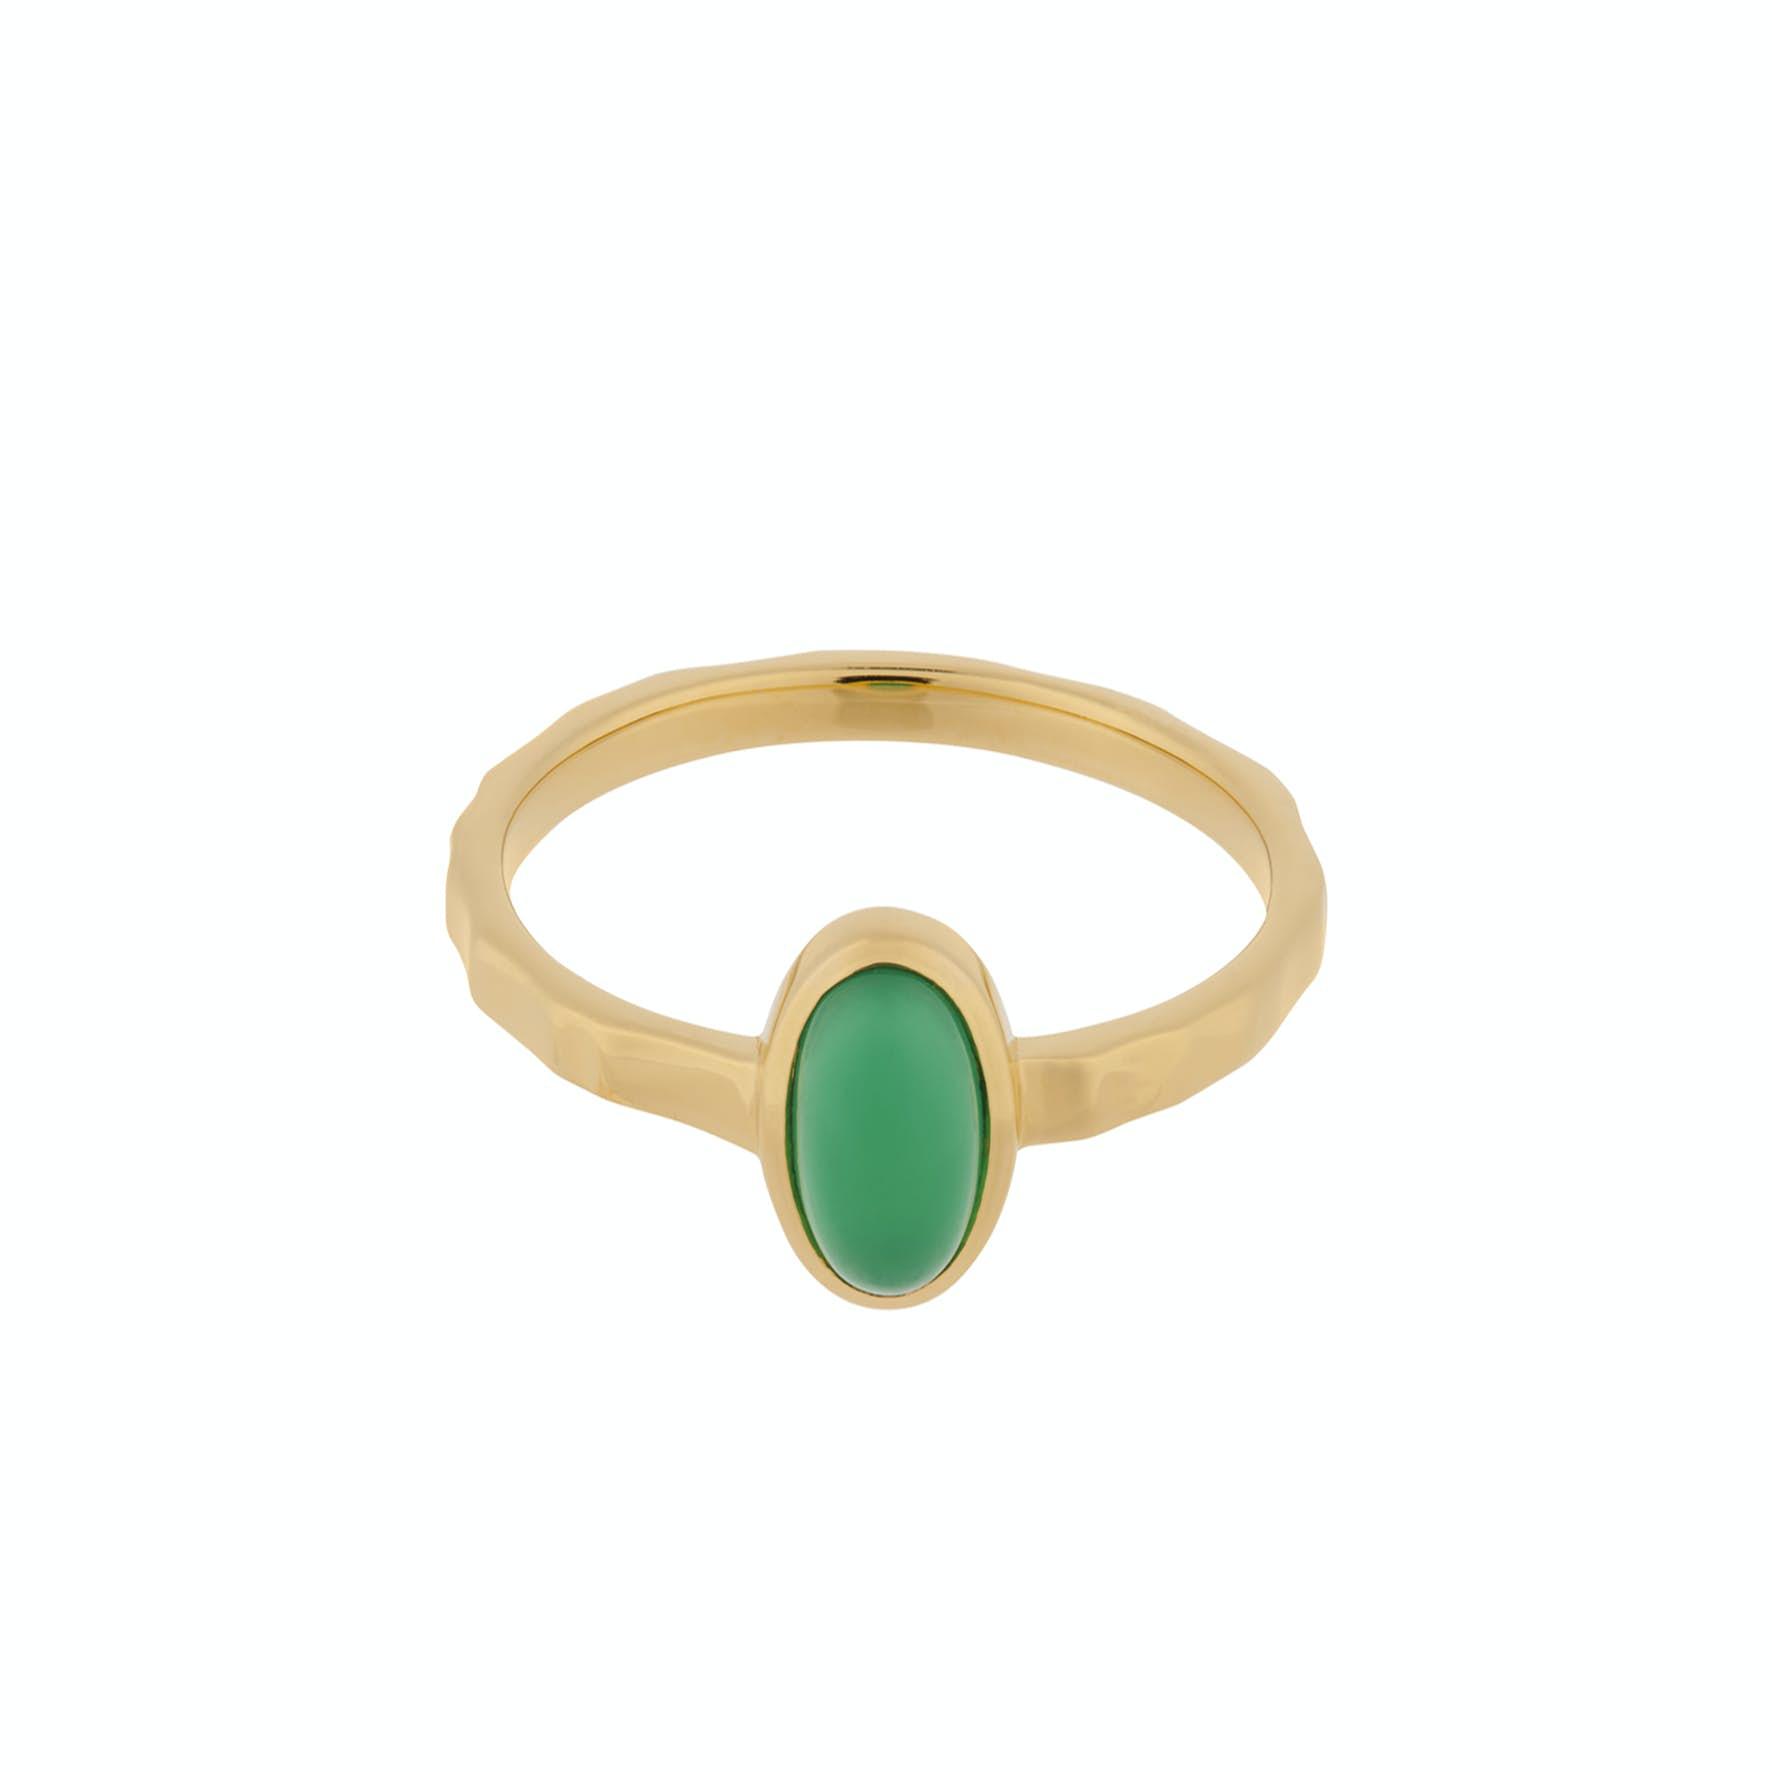 Shine Green Ring von Pernille Corydon in Vergoldet-Silber Sterling 925